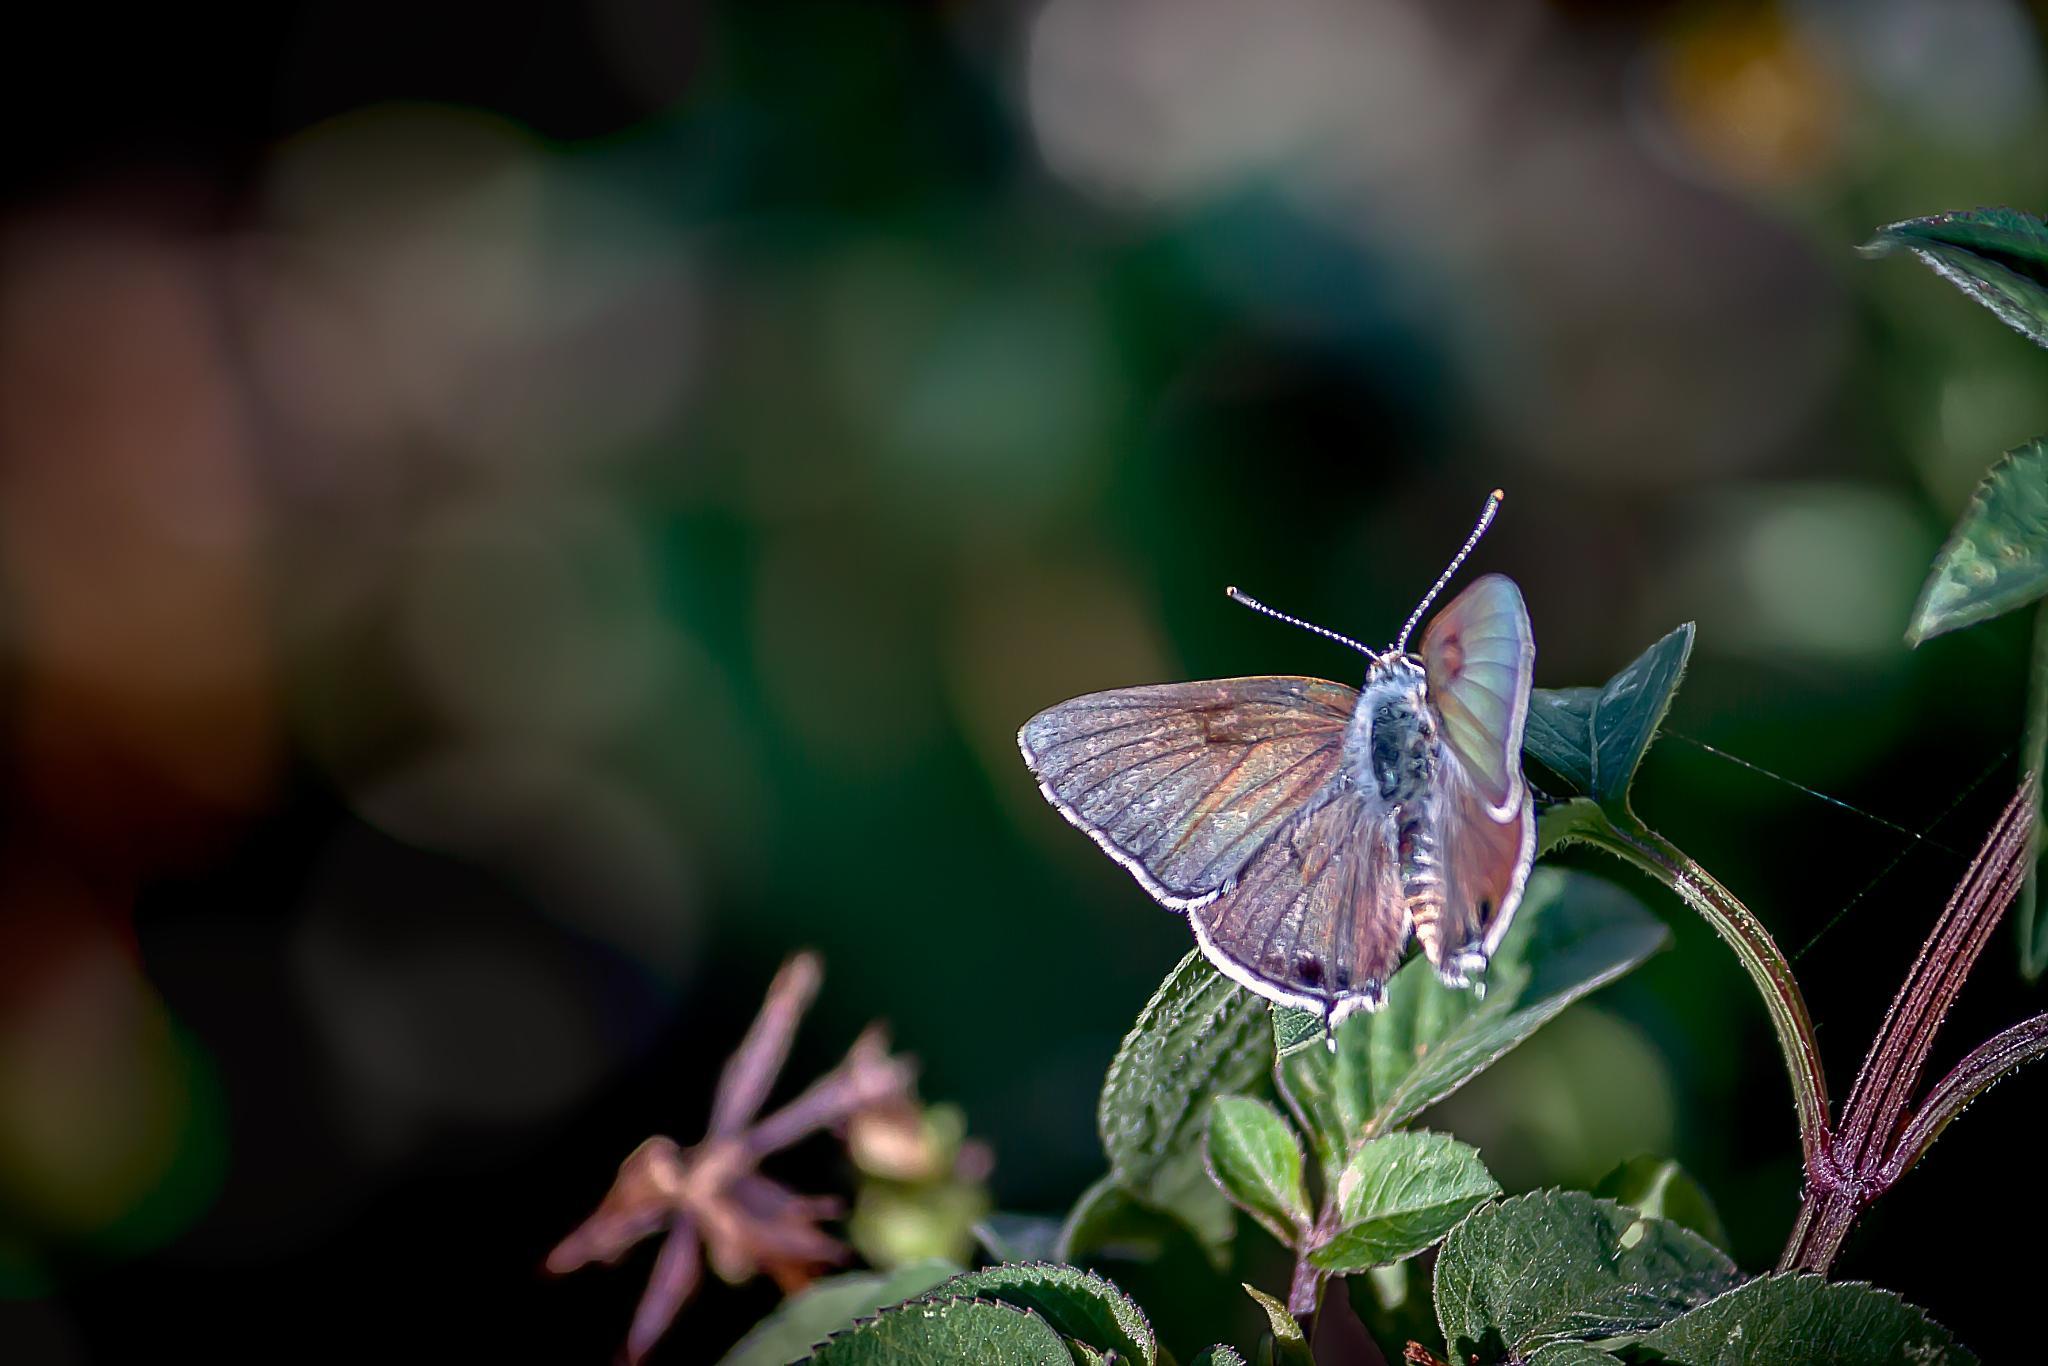 Butterfly 21 by Tony Guzman